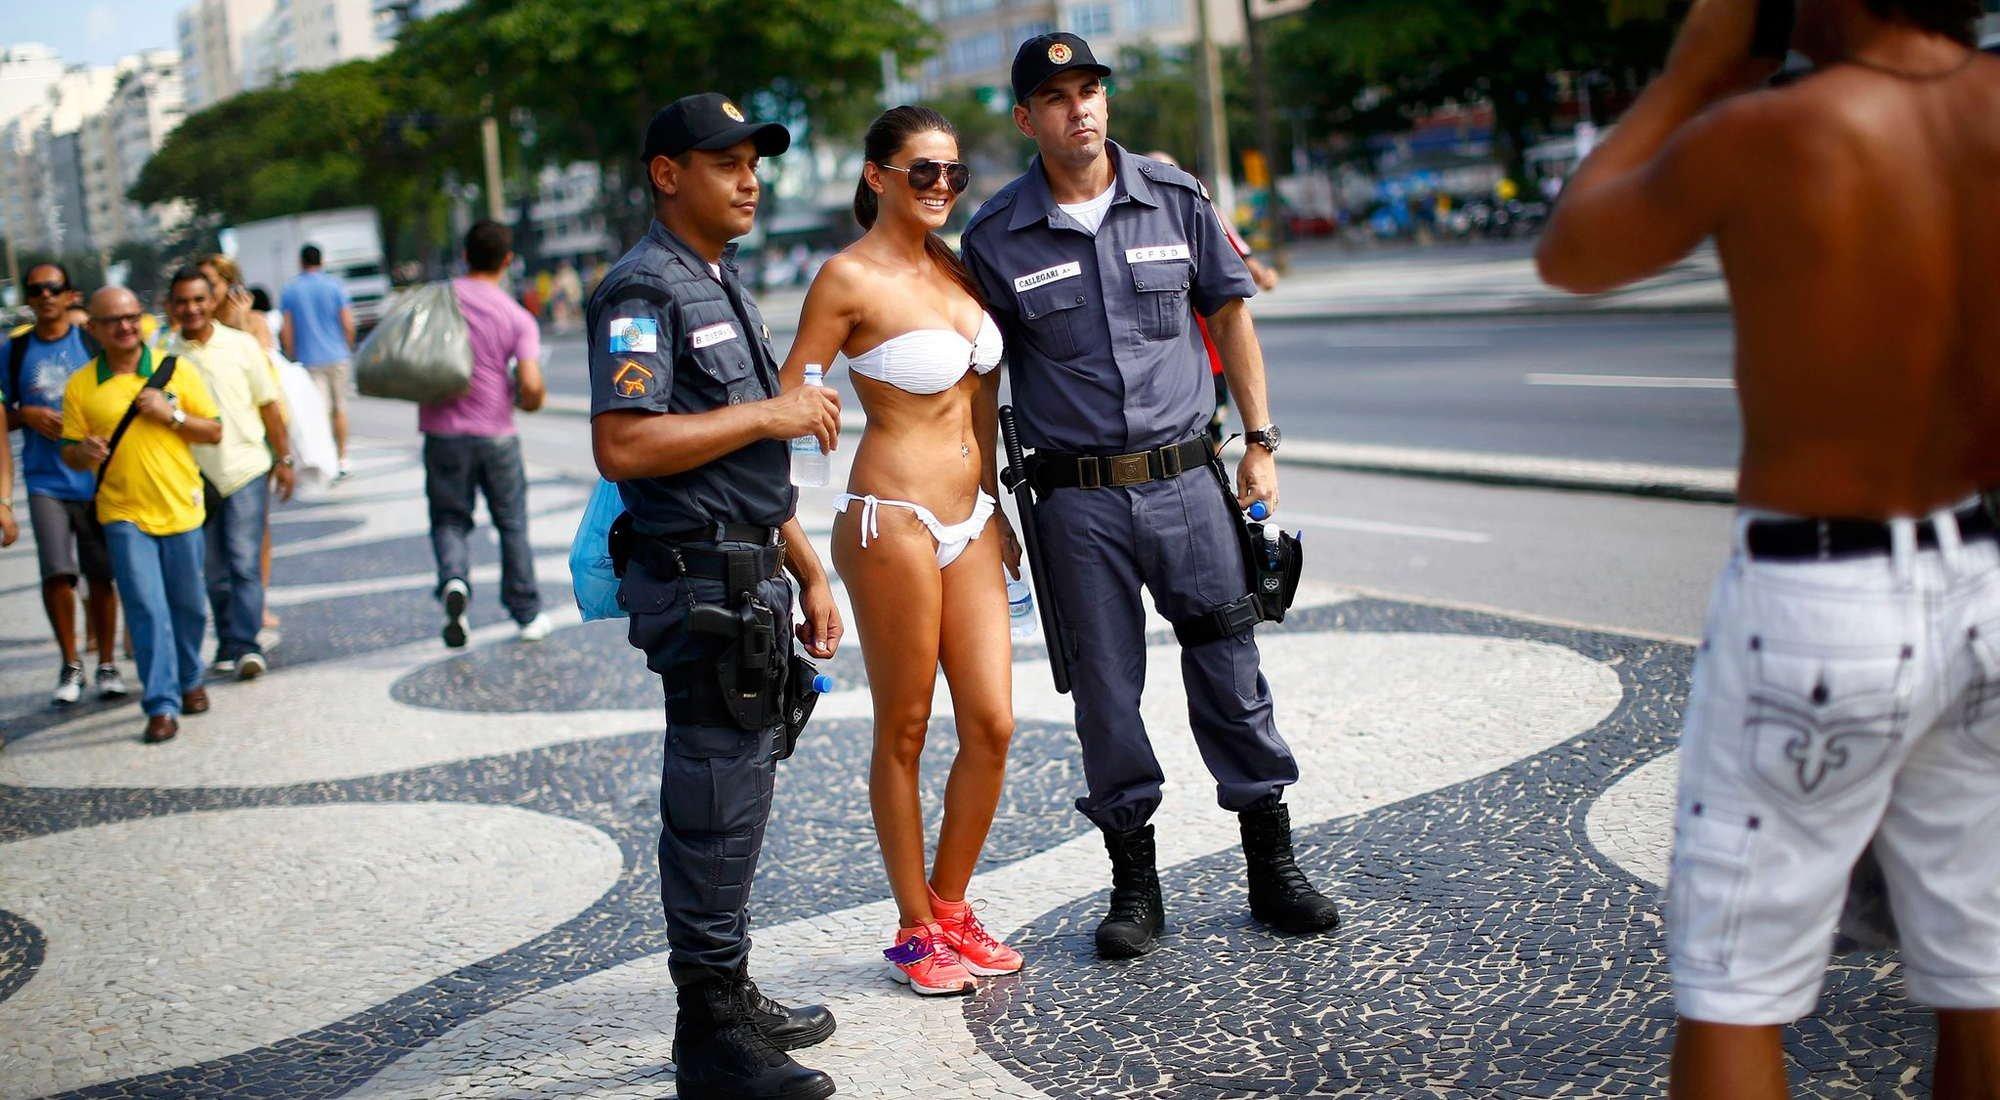 大战在即 比基尼美女合影巴西巡逻交警